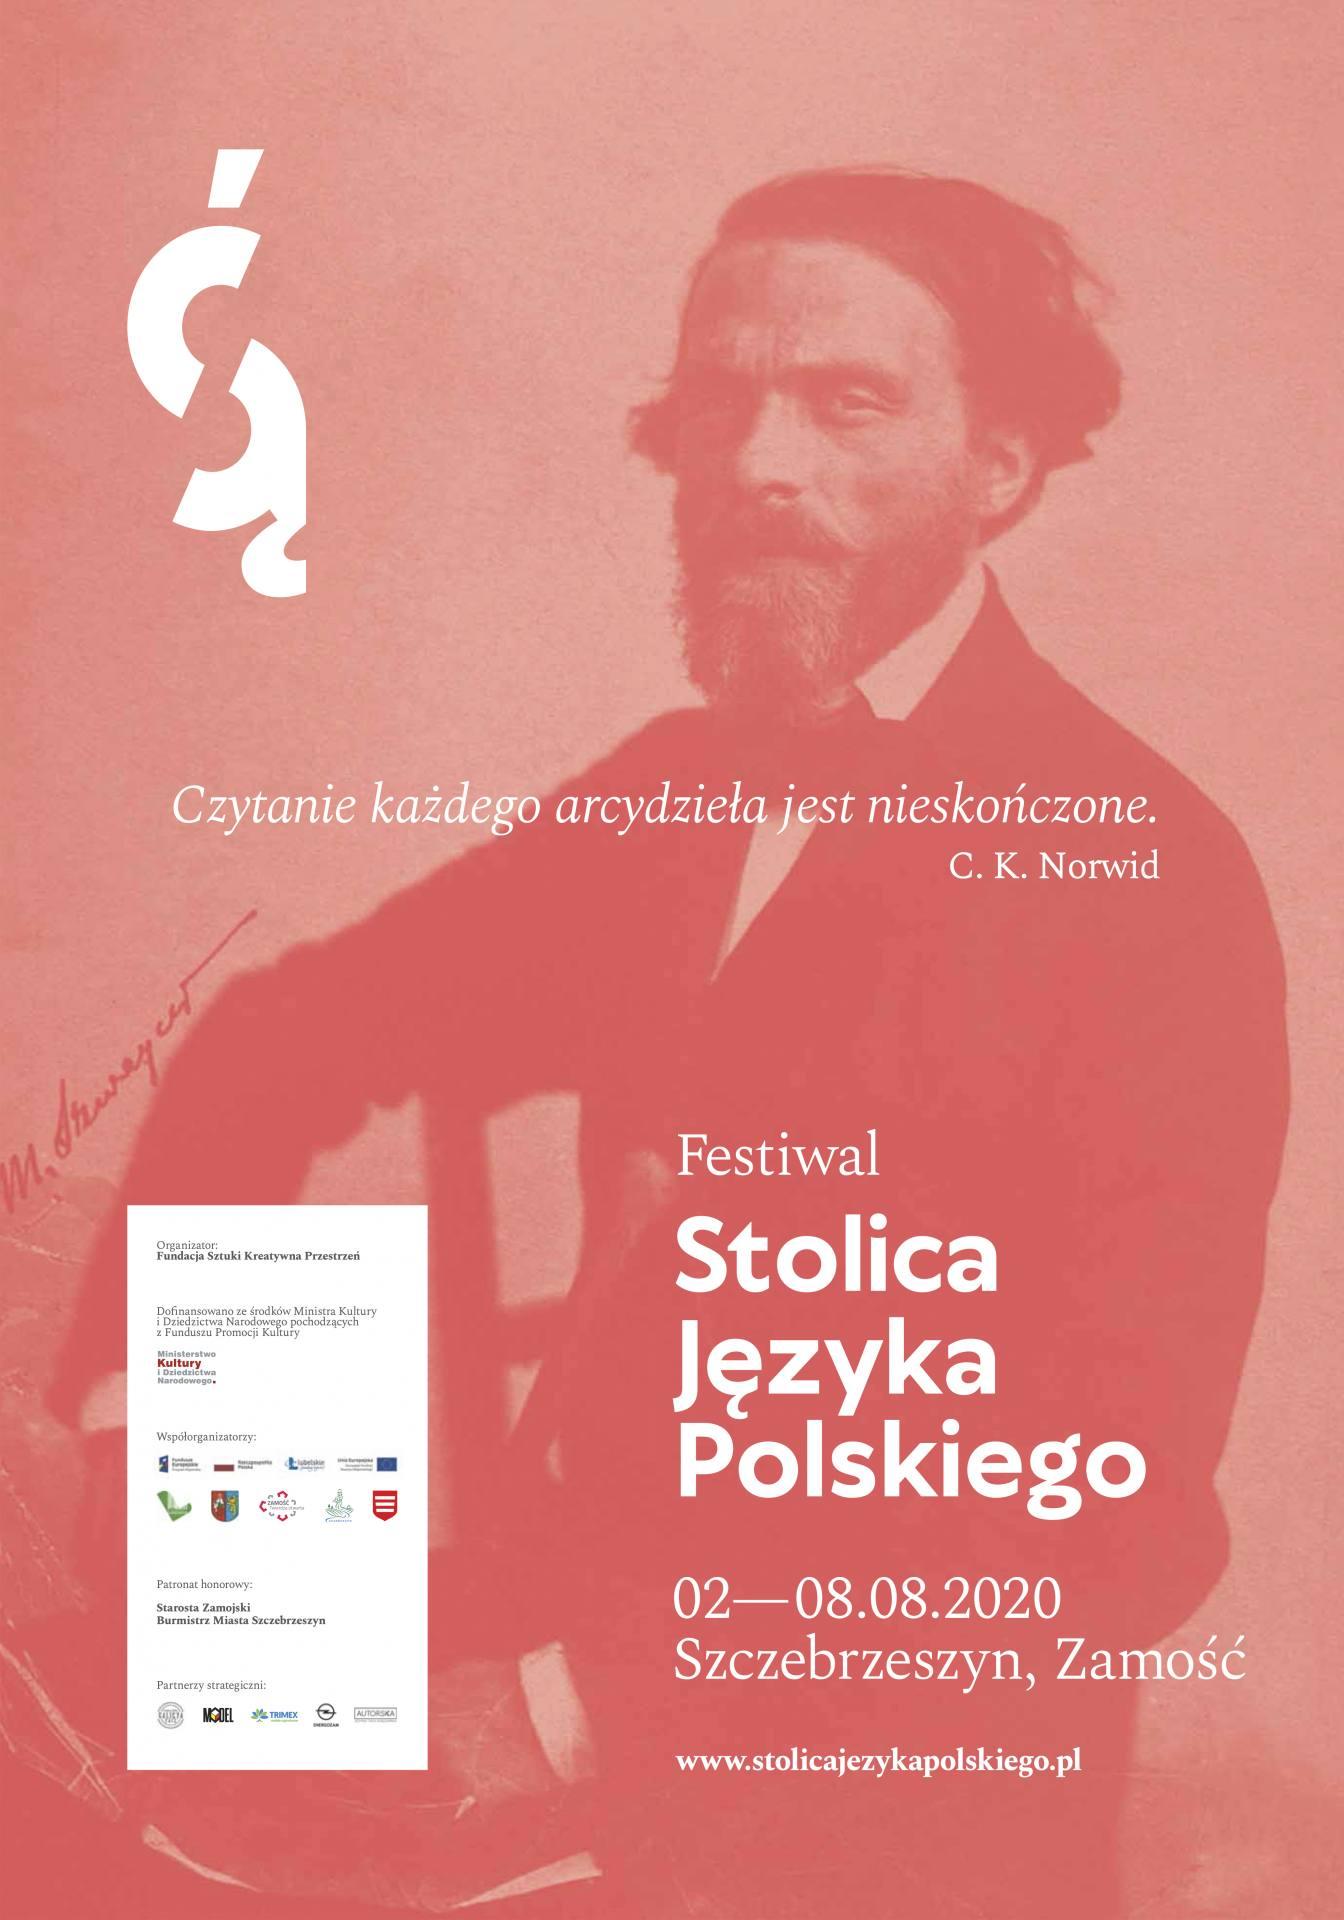 fsjp 2020 plakat 700x1000 indd Festiwal Stolica Języka Polskiego po raz 6. zagości w Zamościu i Szczebrzeszynie. ZNAMY PROGRAM